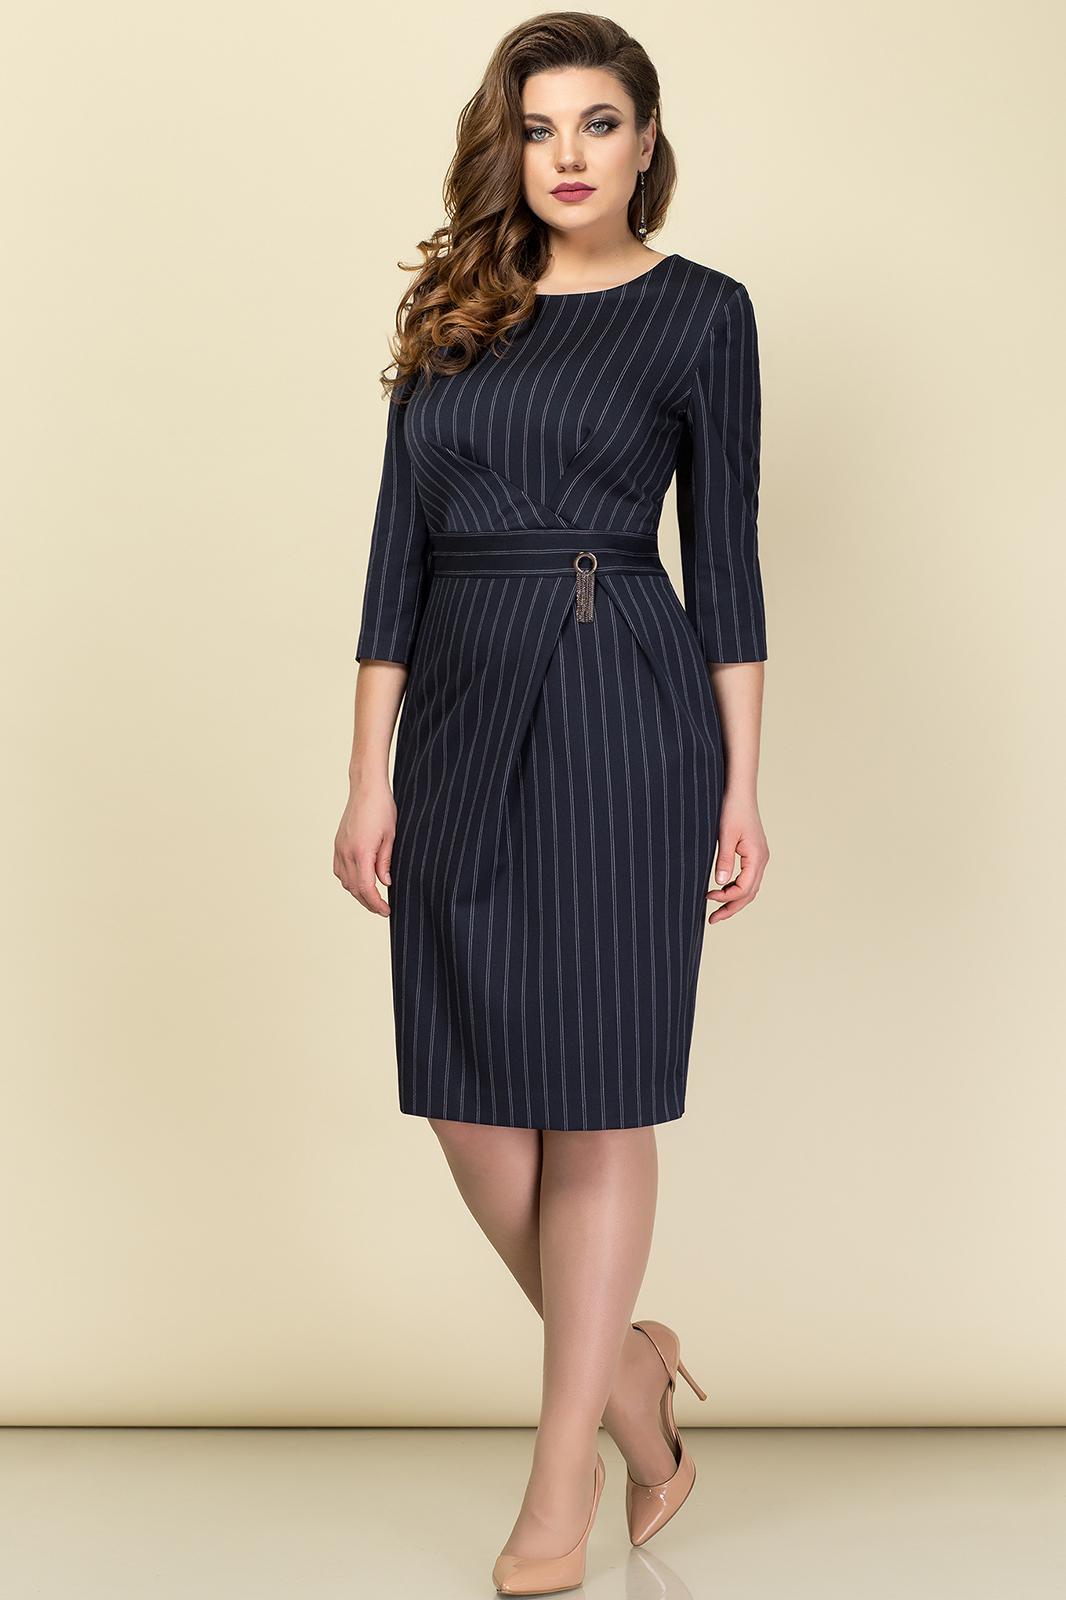 884cd3d50da3 Купить платье в интернет-магазине в Минске. Белорусские женские платья